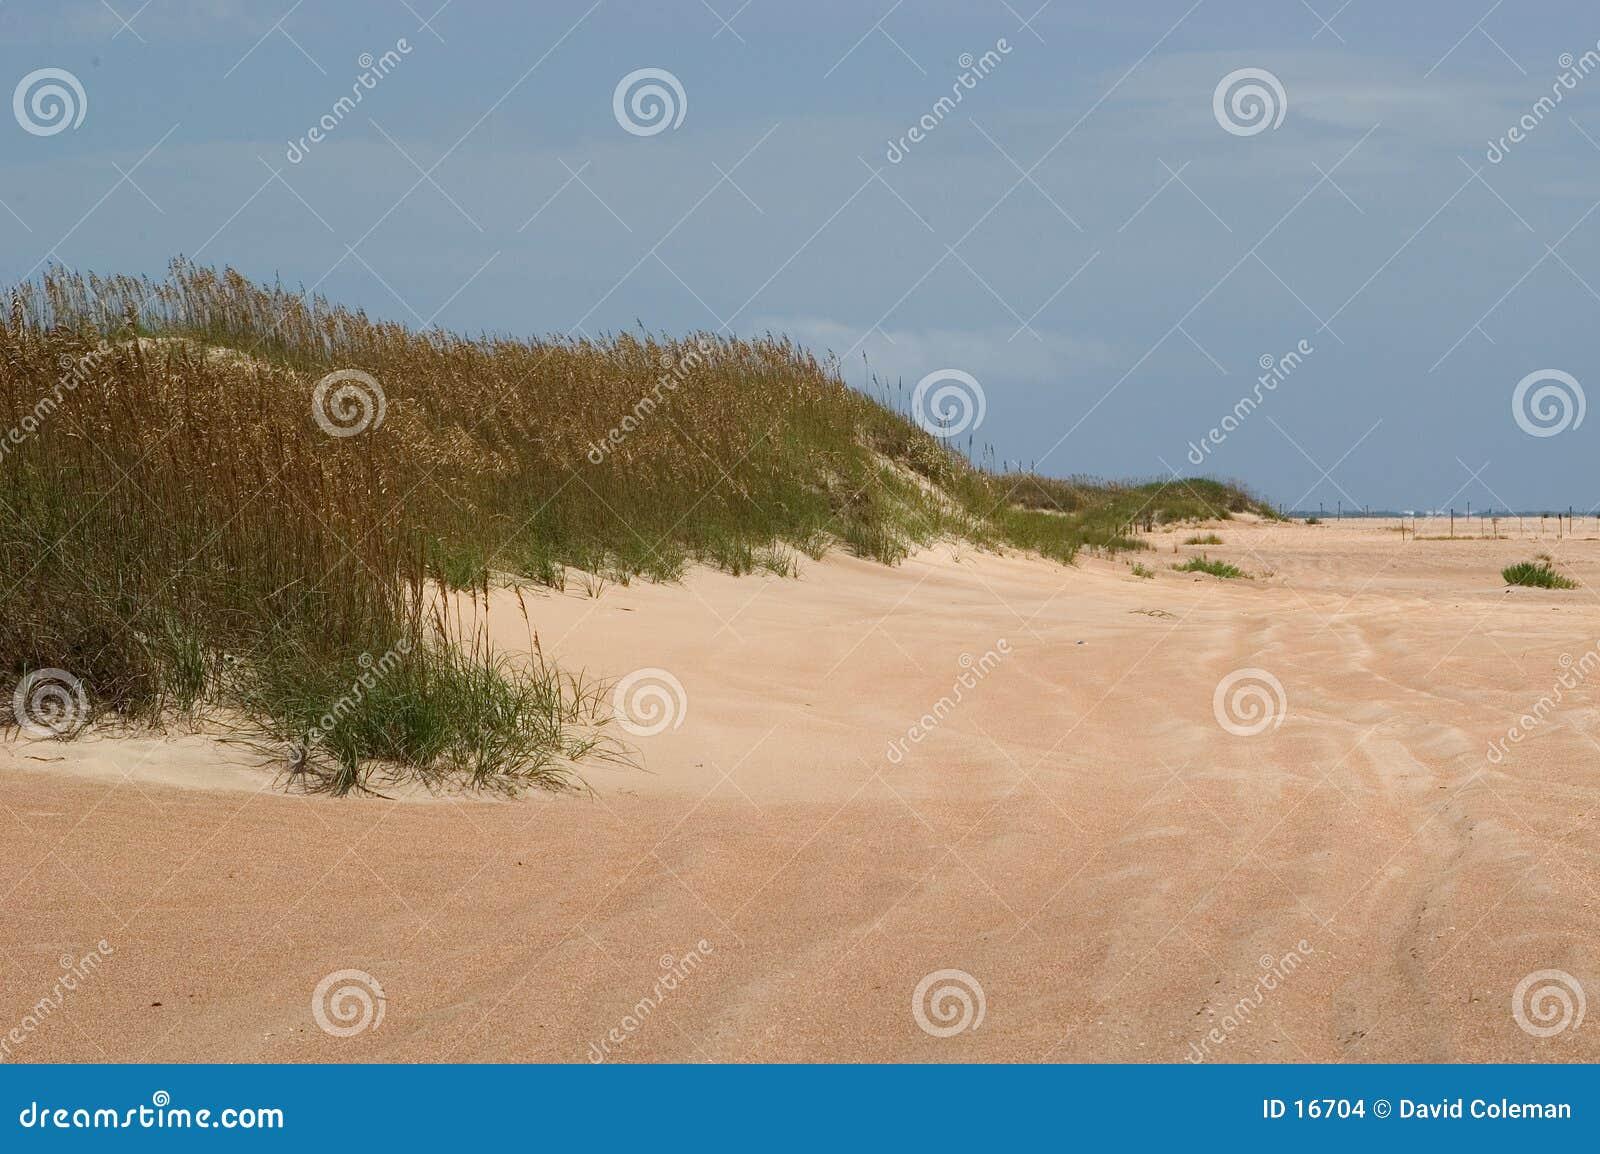 Dunes and Beach Meet